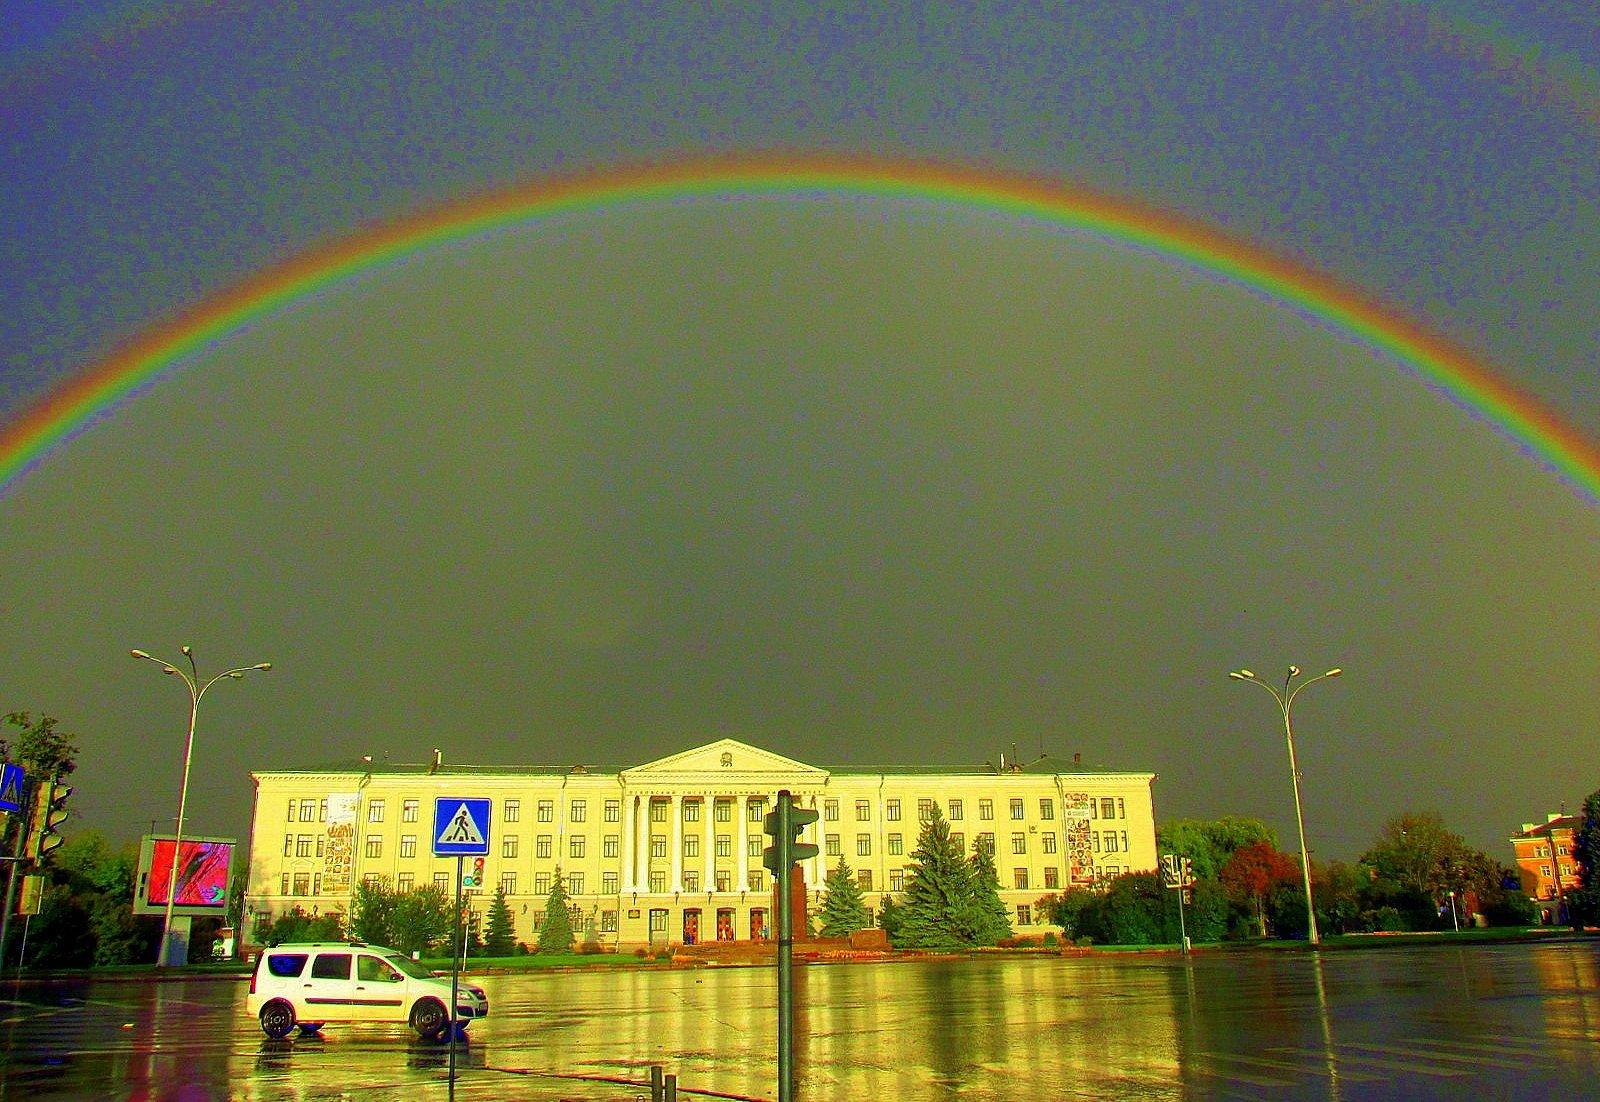 лет тебе, картинки радуга над городом вещица одночасье